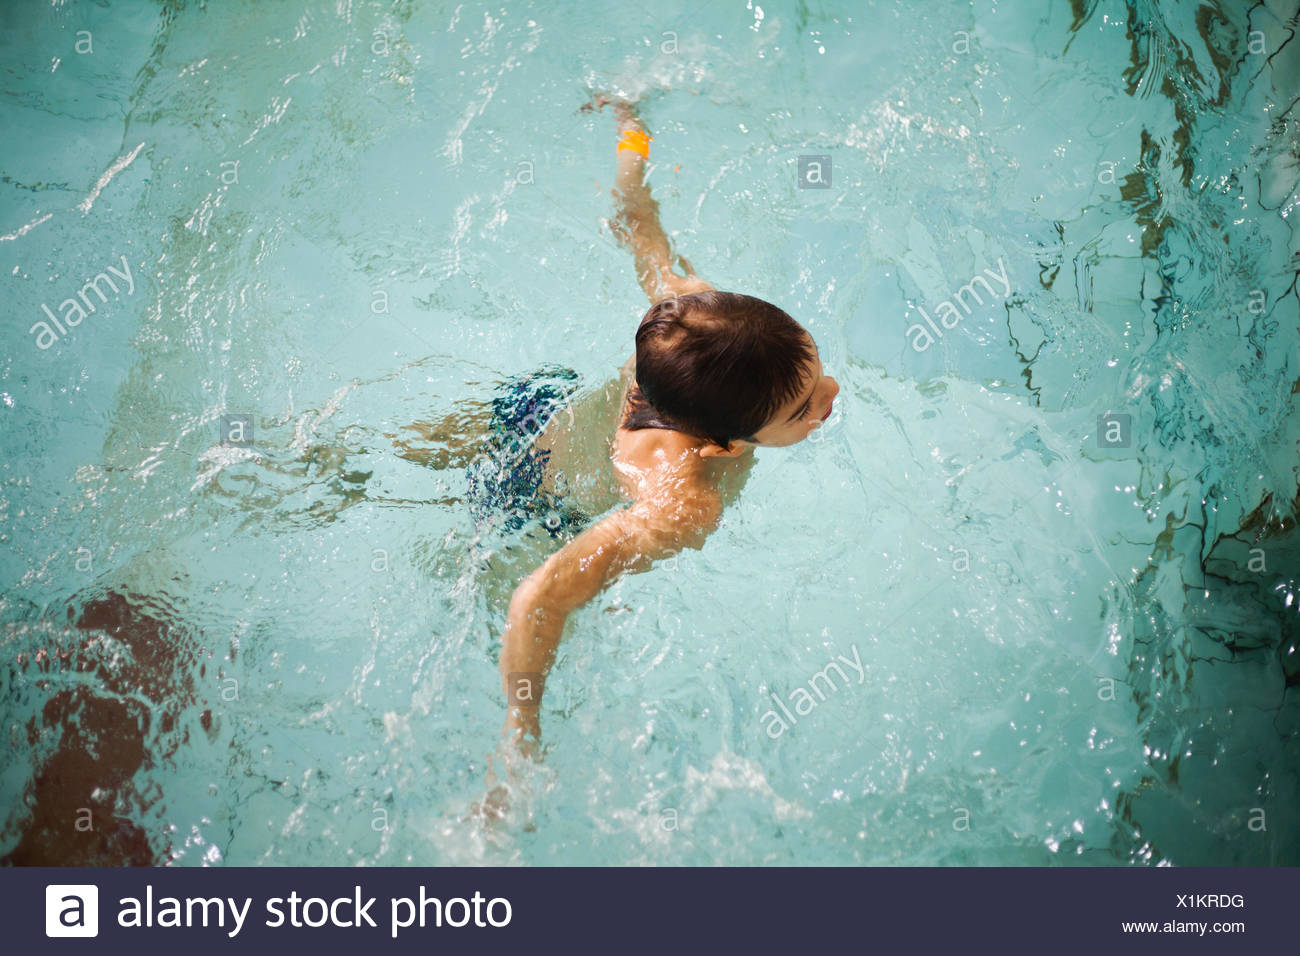 Angolo di Alta Vista del ragazzo di trattare l'acqua in piscina Immagini Stock